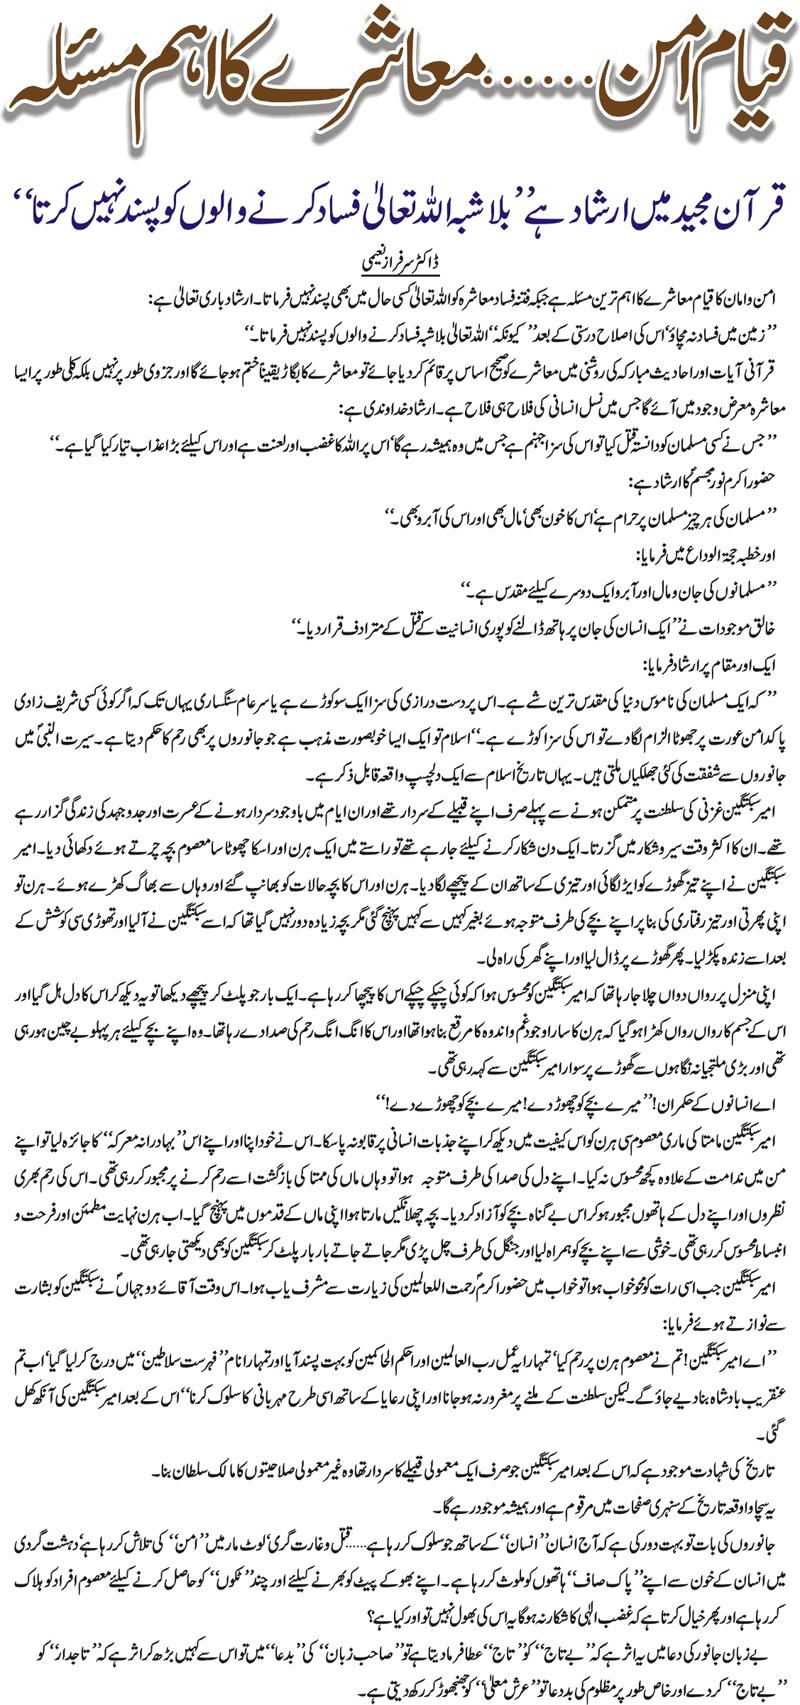 قیام امن معاشرے کا اہم مسئلہ :: ڈاکٹر سرفراز نعیمی